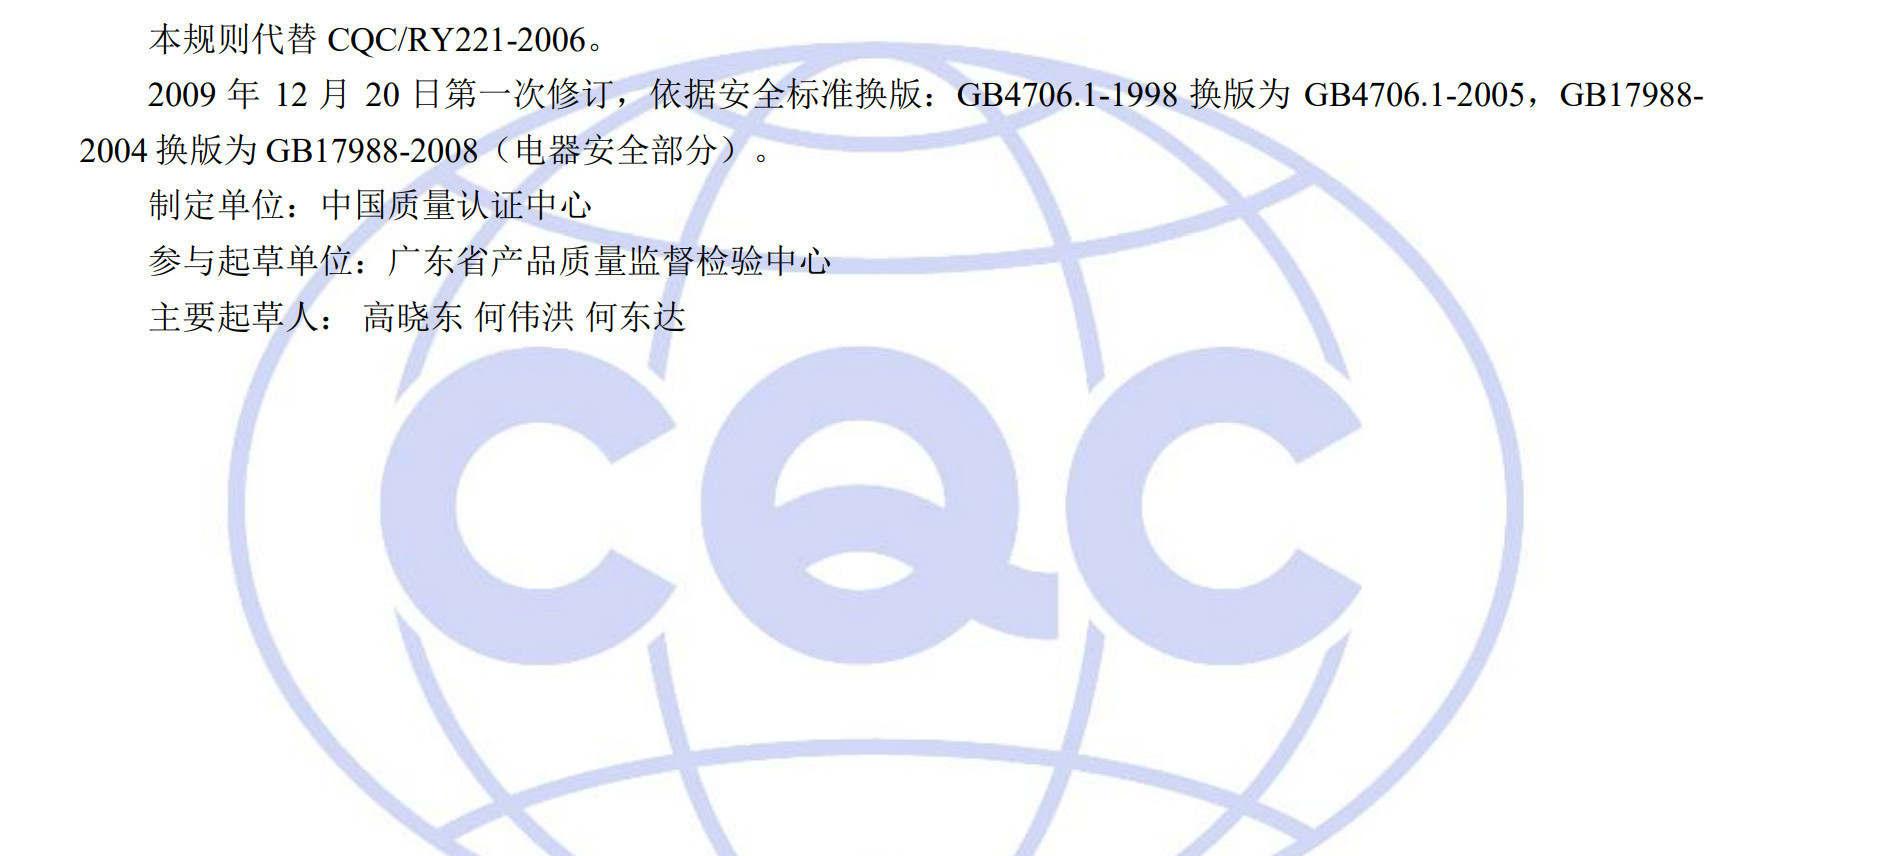 四川消 毒柜CQC标 准详情